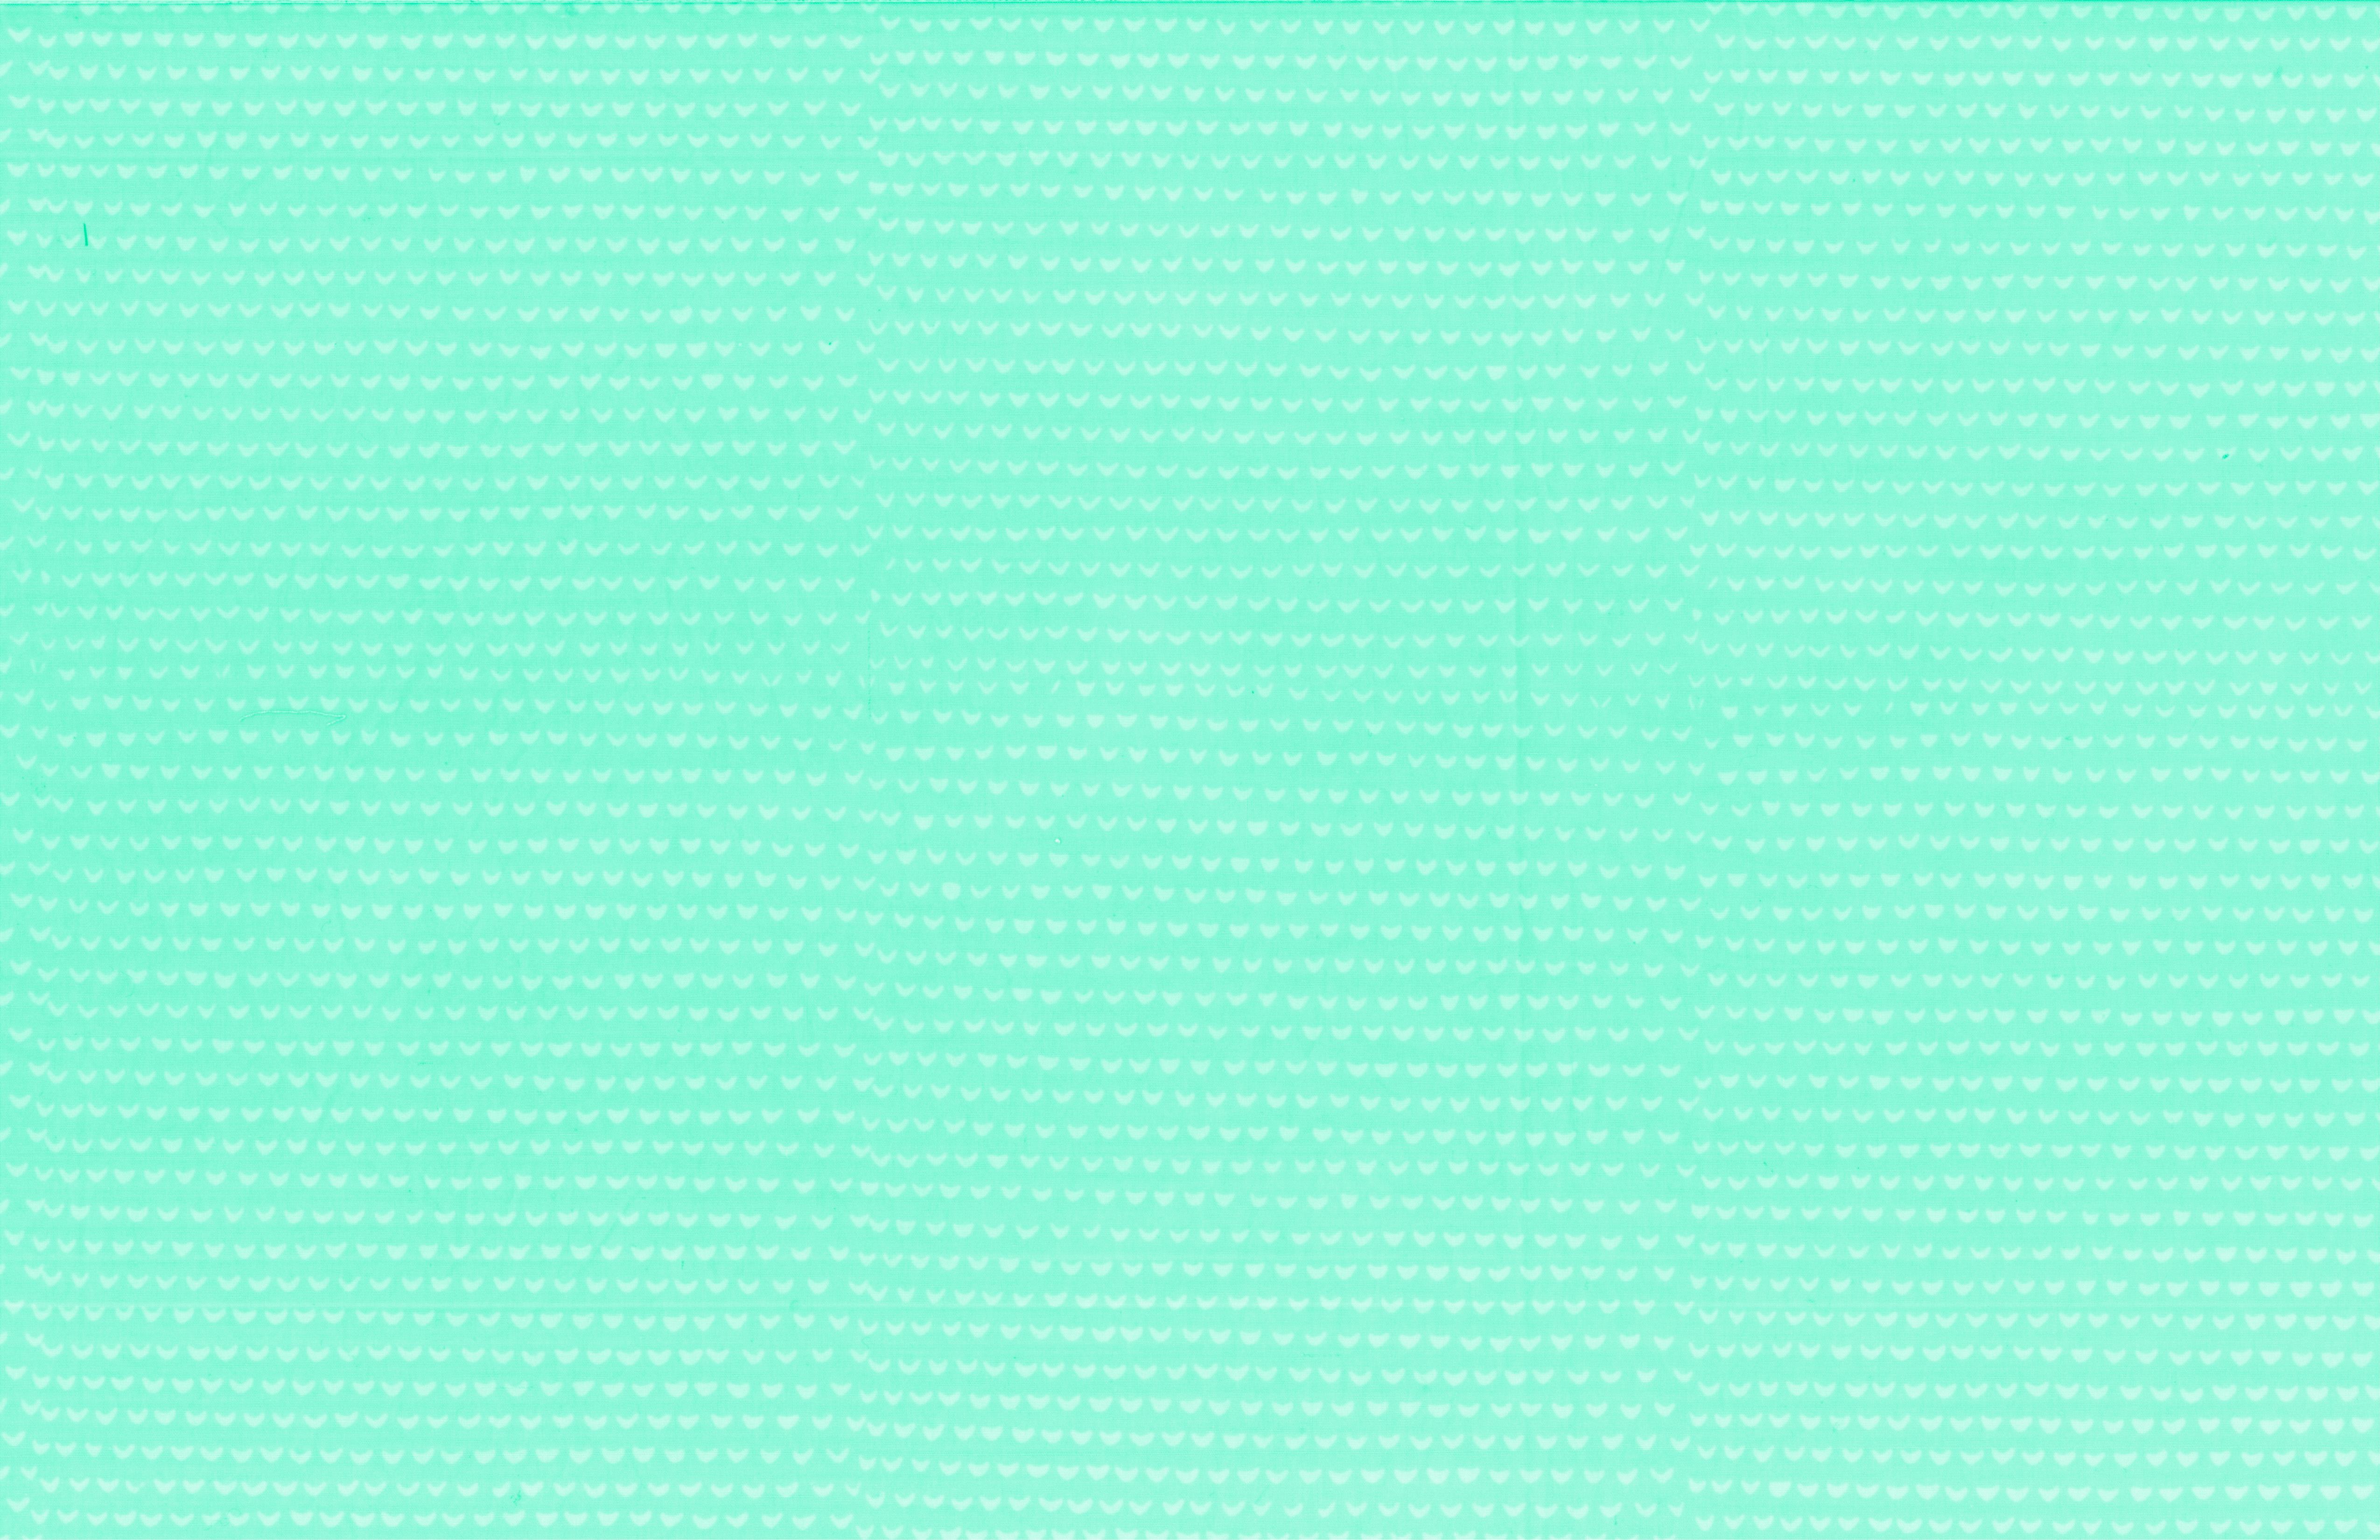 102-41-Aqua.jpg